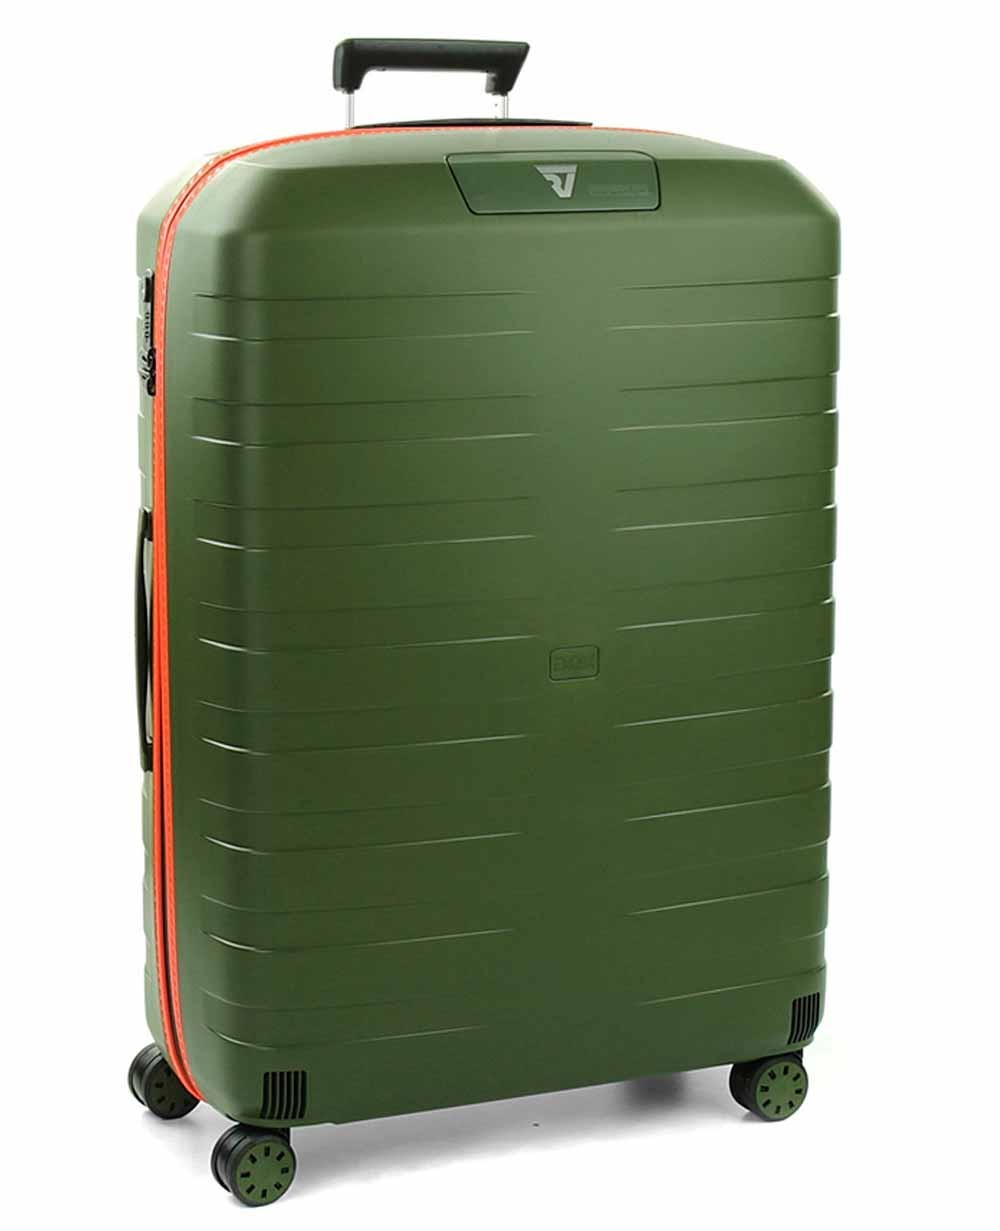 Roncato Box 2.0 Maleta grande Verde/Naranja (Foto )